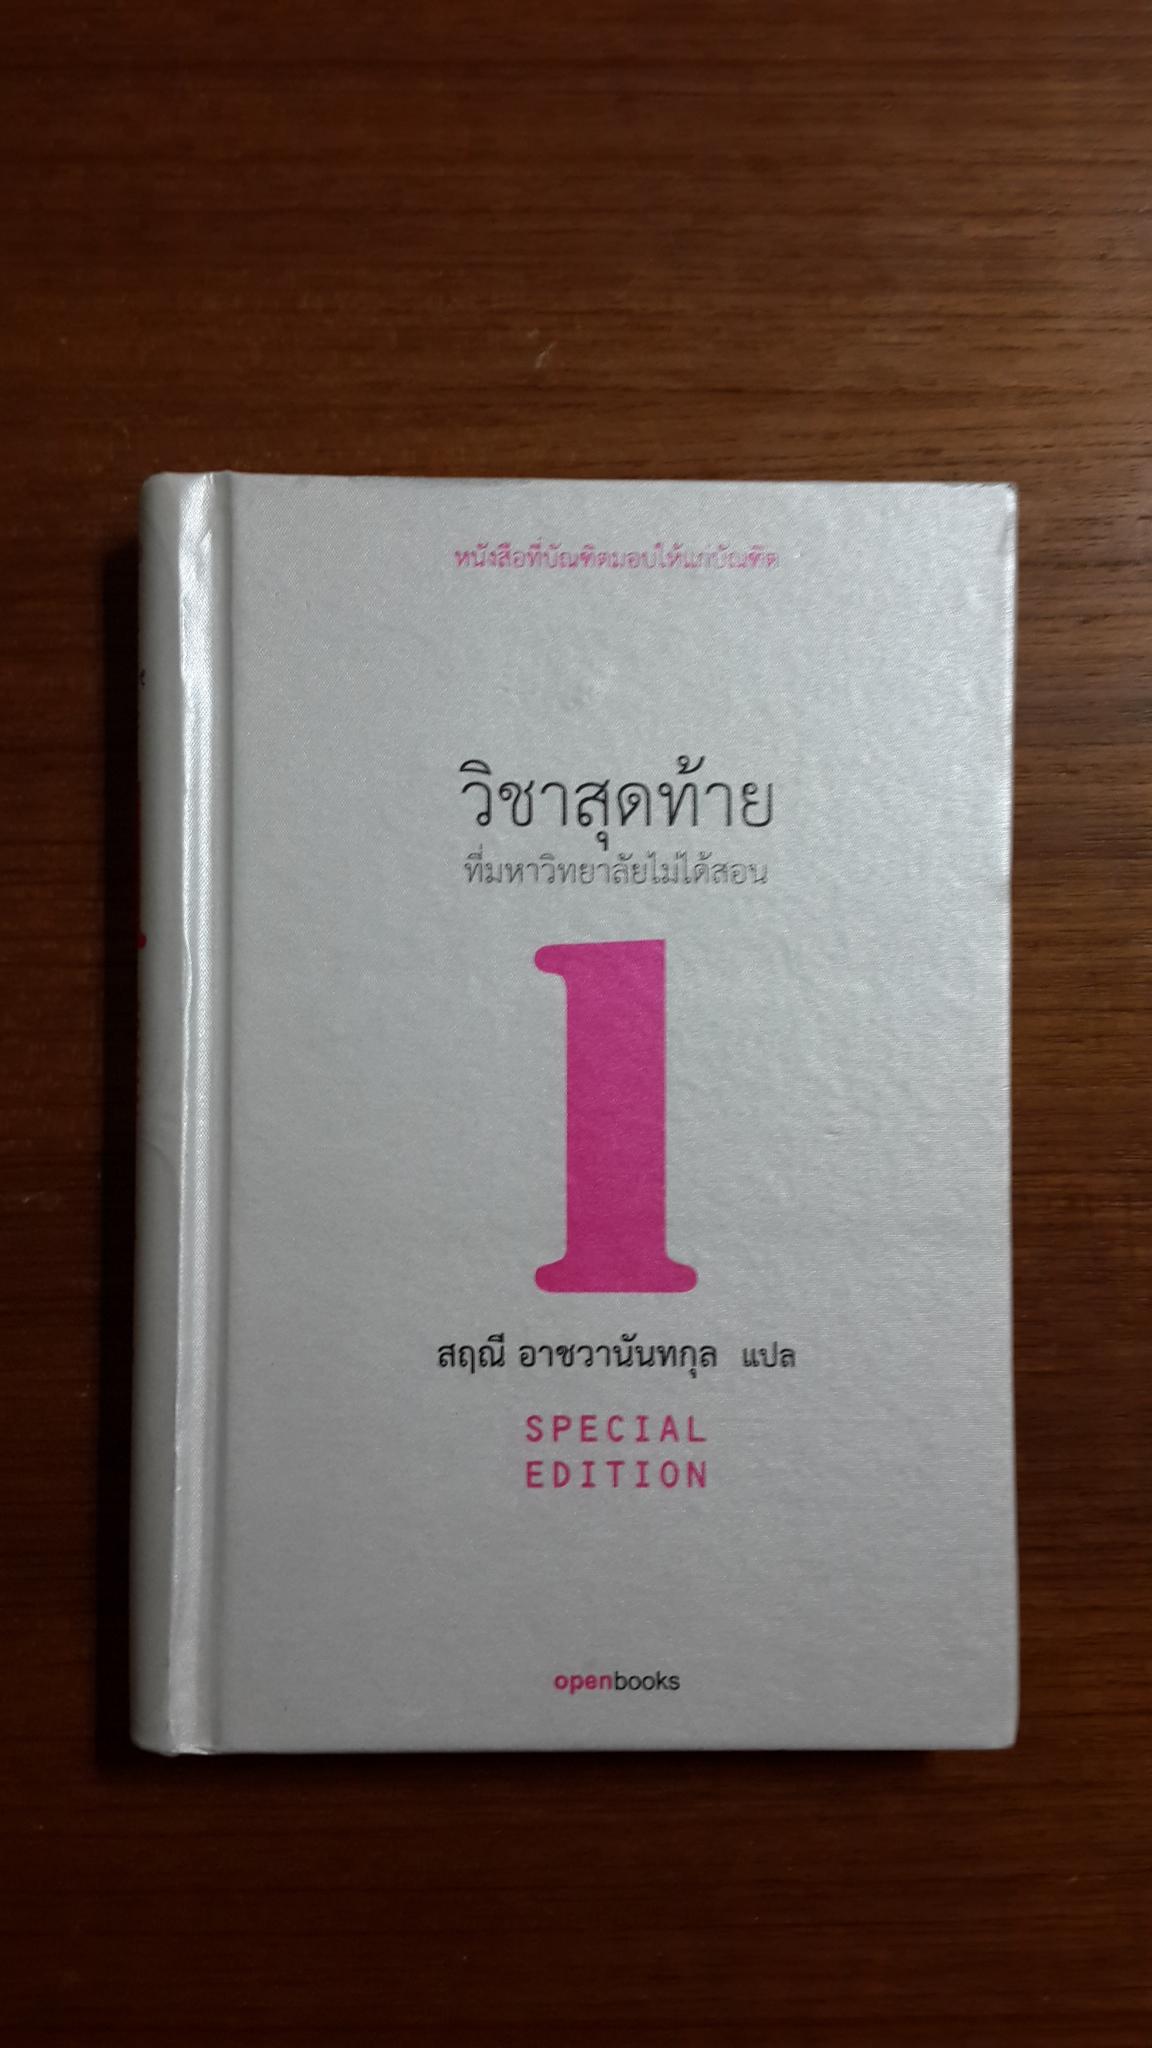 วิชาสุดท้าย (ที่มหาวิทยาลัยไม่ได้สอน) เล่ม1 / สฤณี อาชวานันทกุล แปล